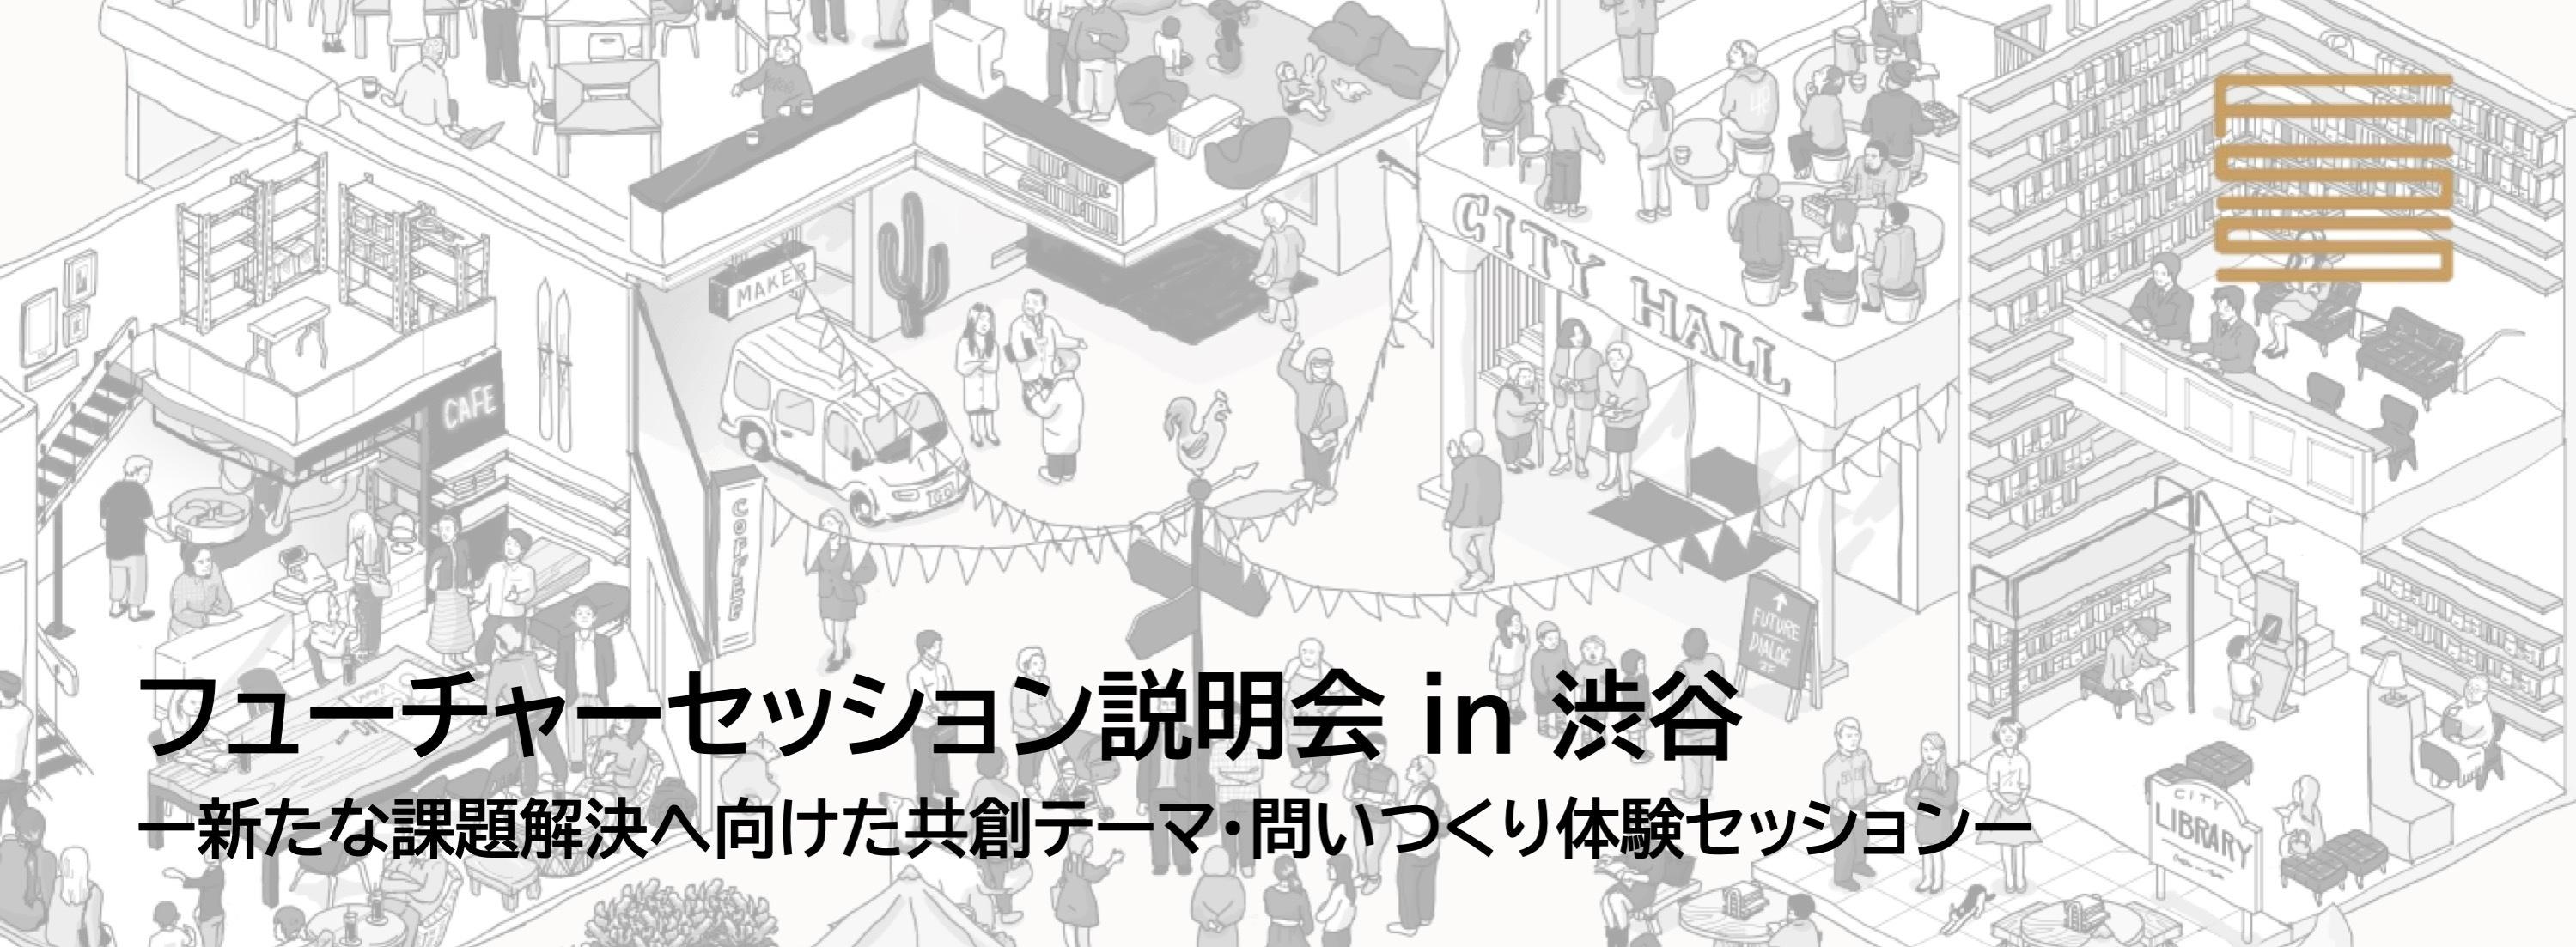 フューチャーセッション説明会 in 渋谷 10/18・10/25【夜】 ー新たな課題解決へ向けた共創テーマ・問いつくり体験セッションー